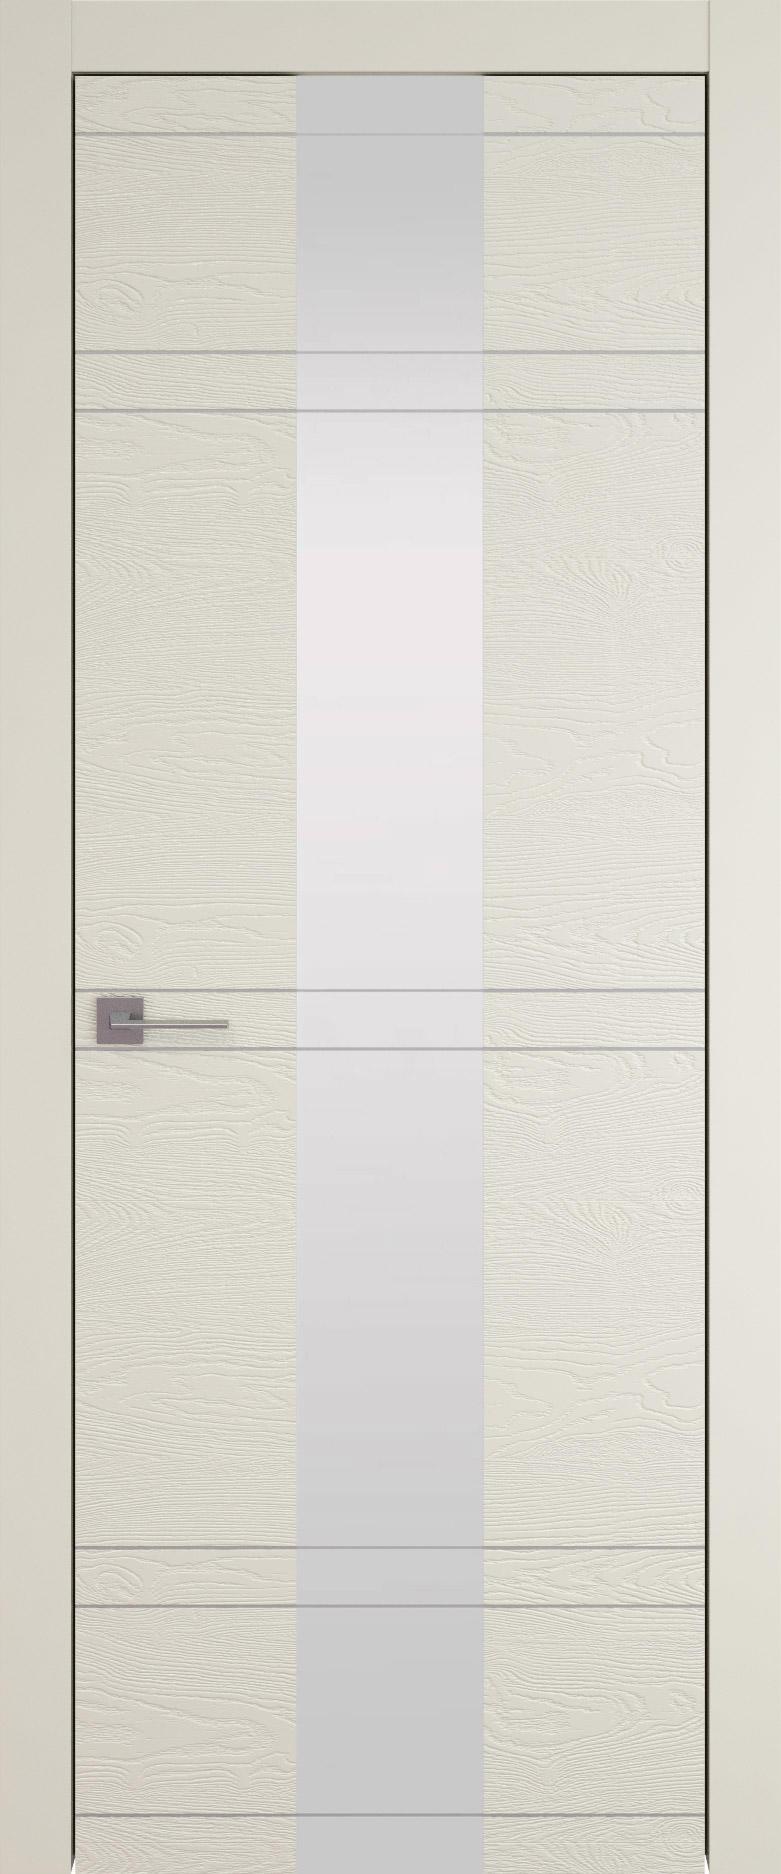 Tivoli Ж-4 цвет - Жемчужная эмаль по шпону (RAL 1013) Со стеклом (ДО)